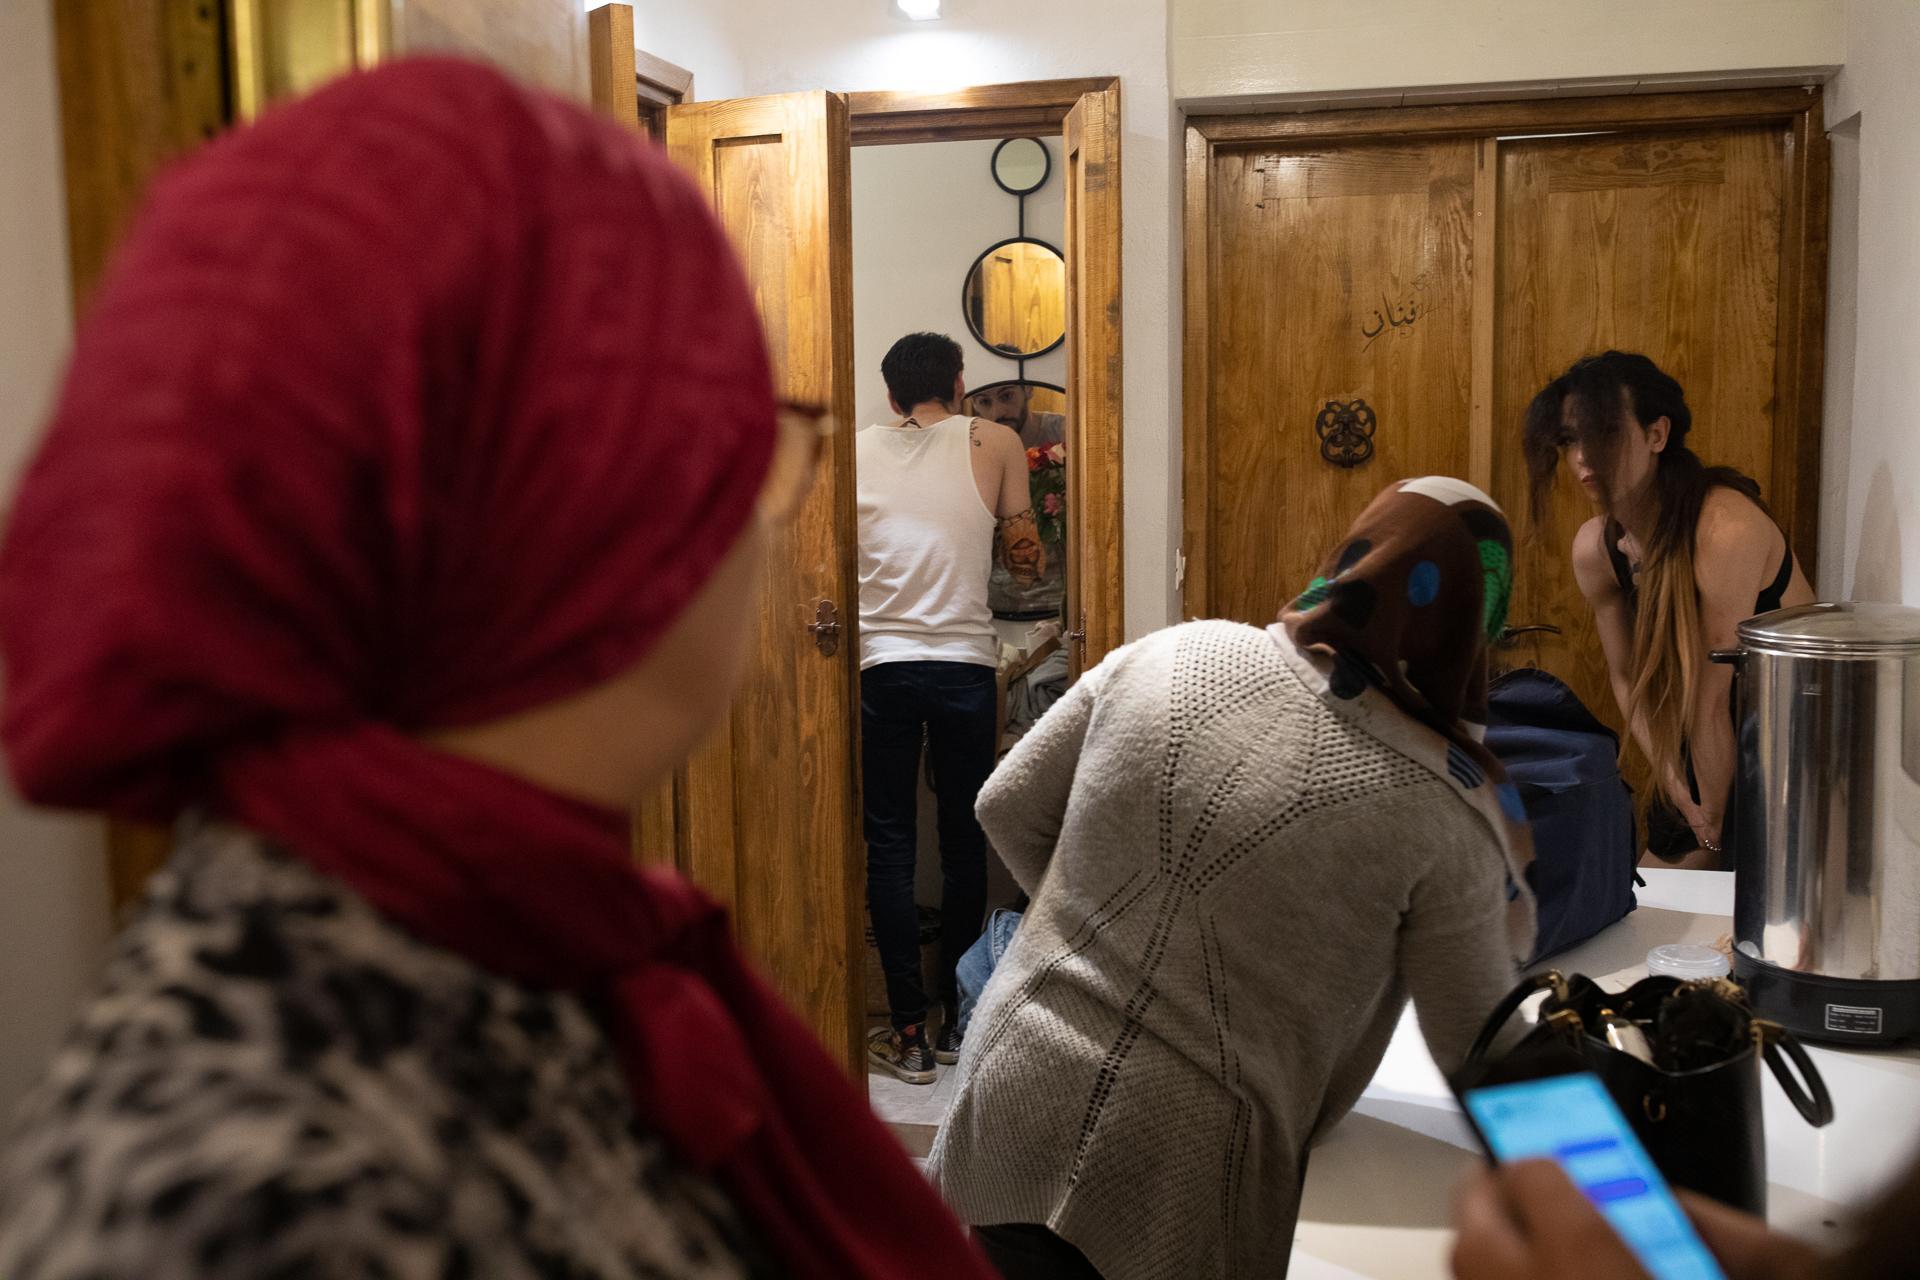 La Médina n'a pas été choisie au hasard par l'association Mawjoudin qui organise la soirée. Il s'agit d'investir le coeur du Tunis traditionnel, pour faire bouger peu à peu les mentalités. La famille propriétaire de la salle a accepté en connaissance de cause que cette soirée se déroule dans ses murs, mais confie vivre la situation particulièrement mal.